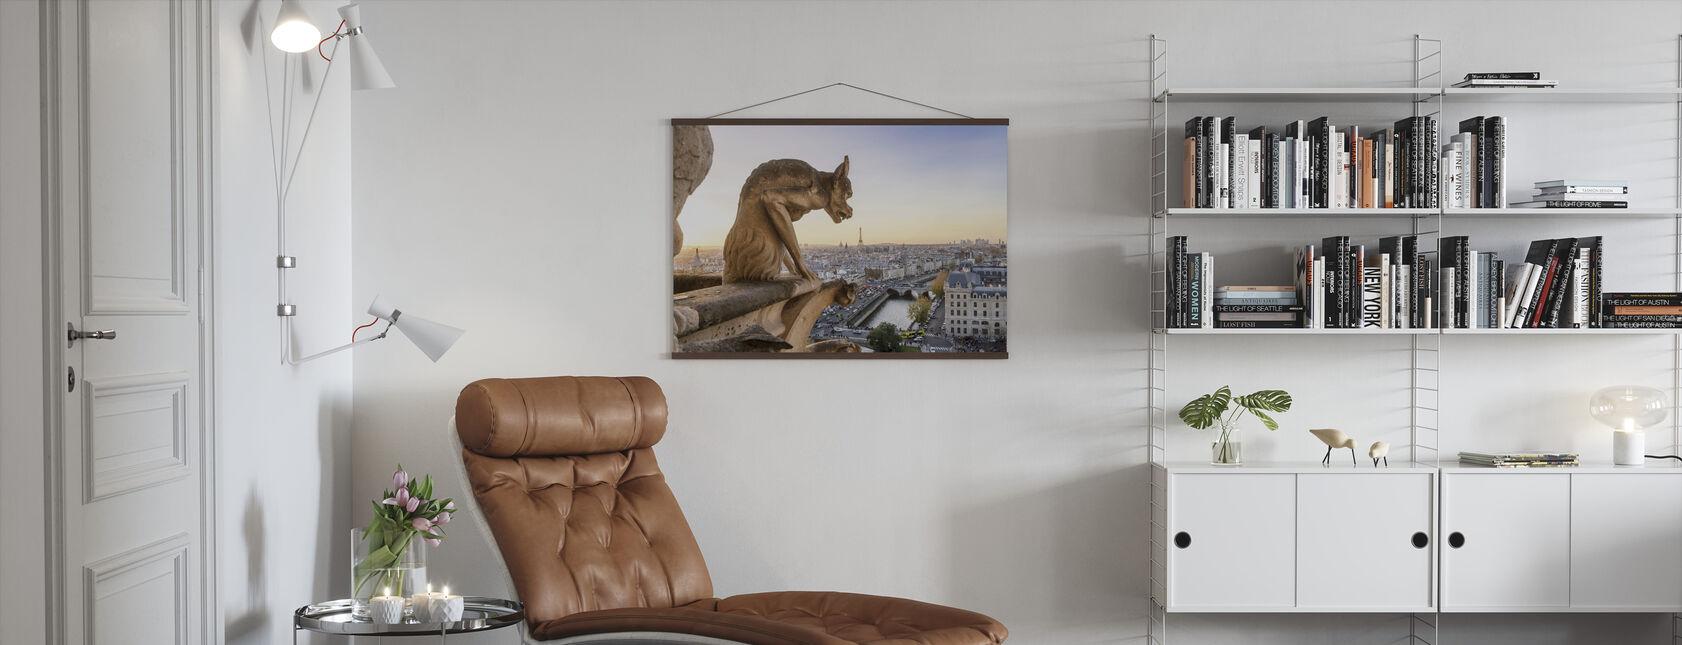 Gargoyle and City of Paris - Poster - Living Room